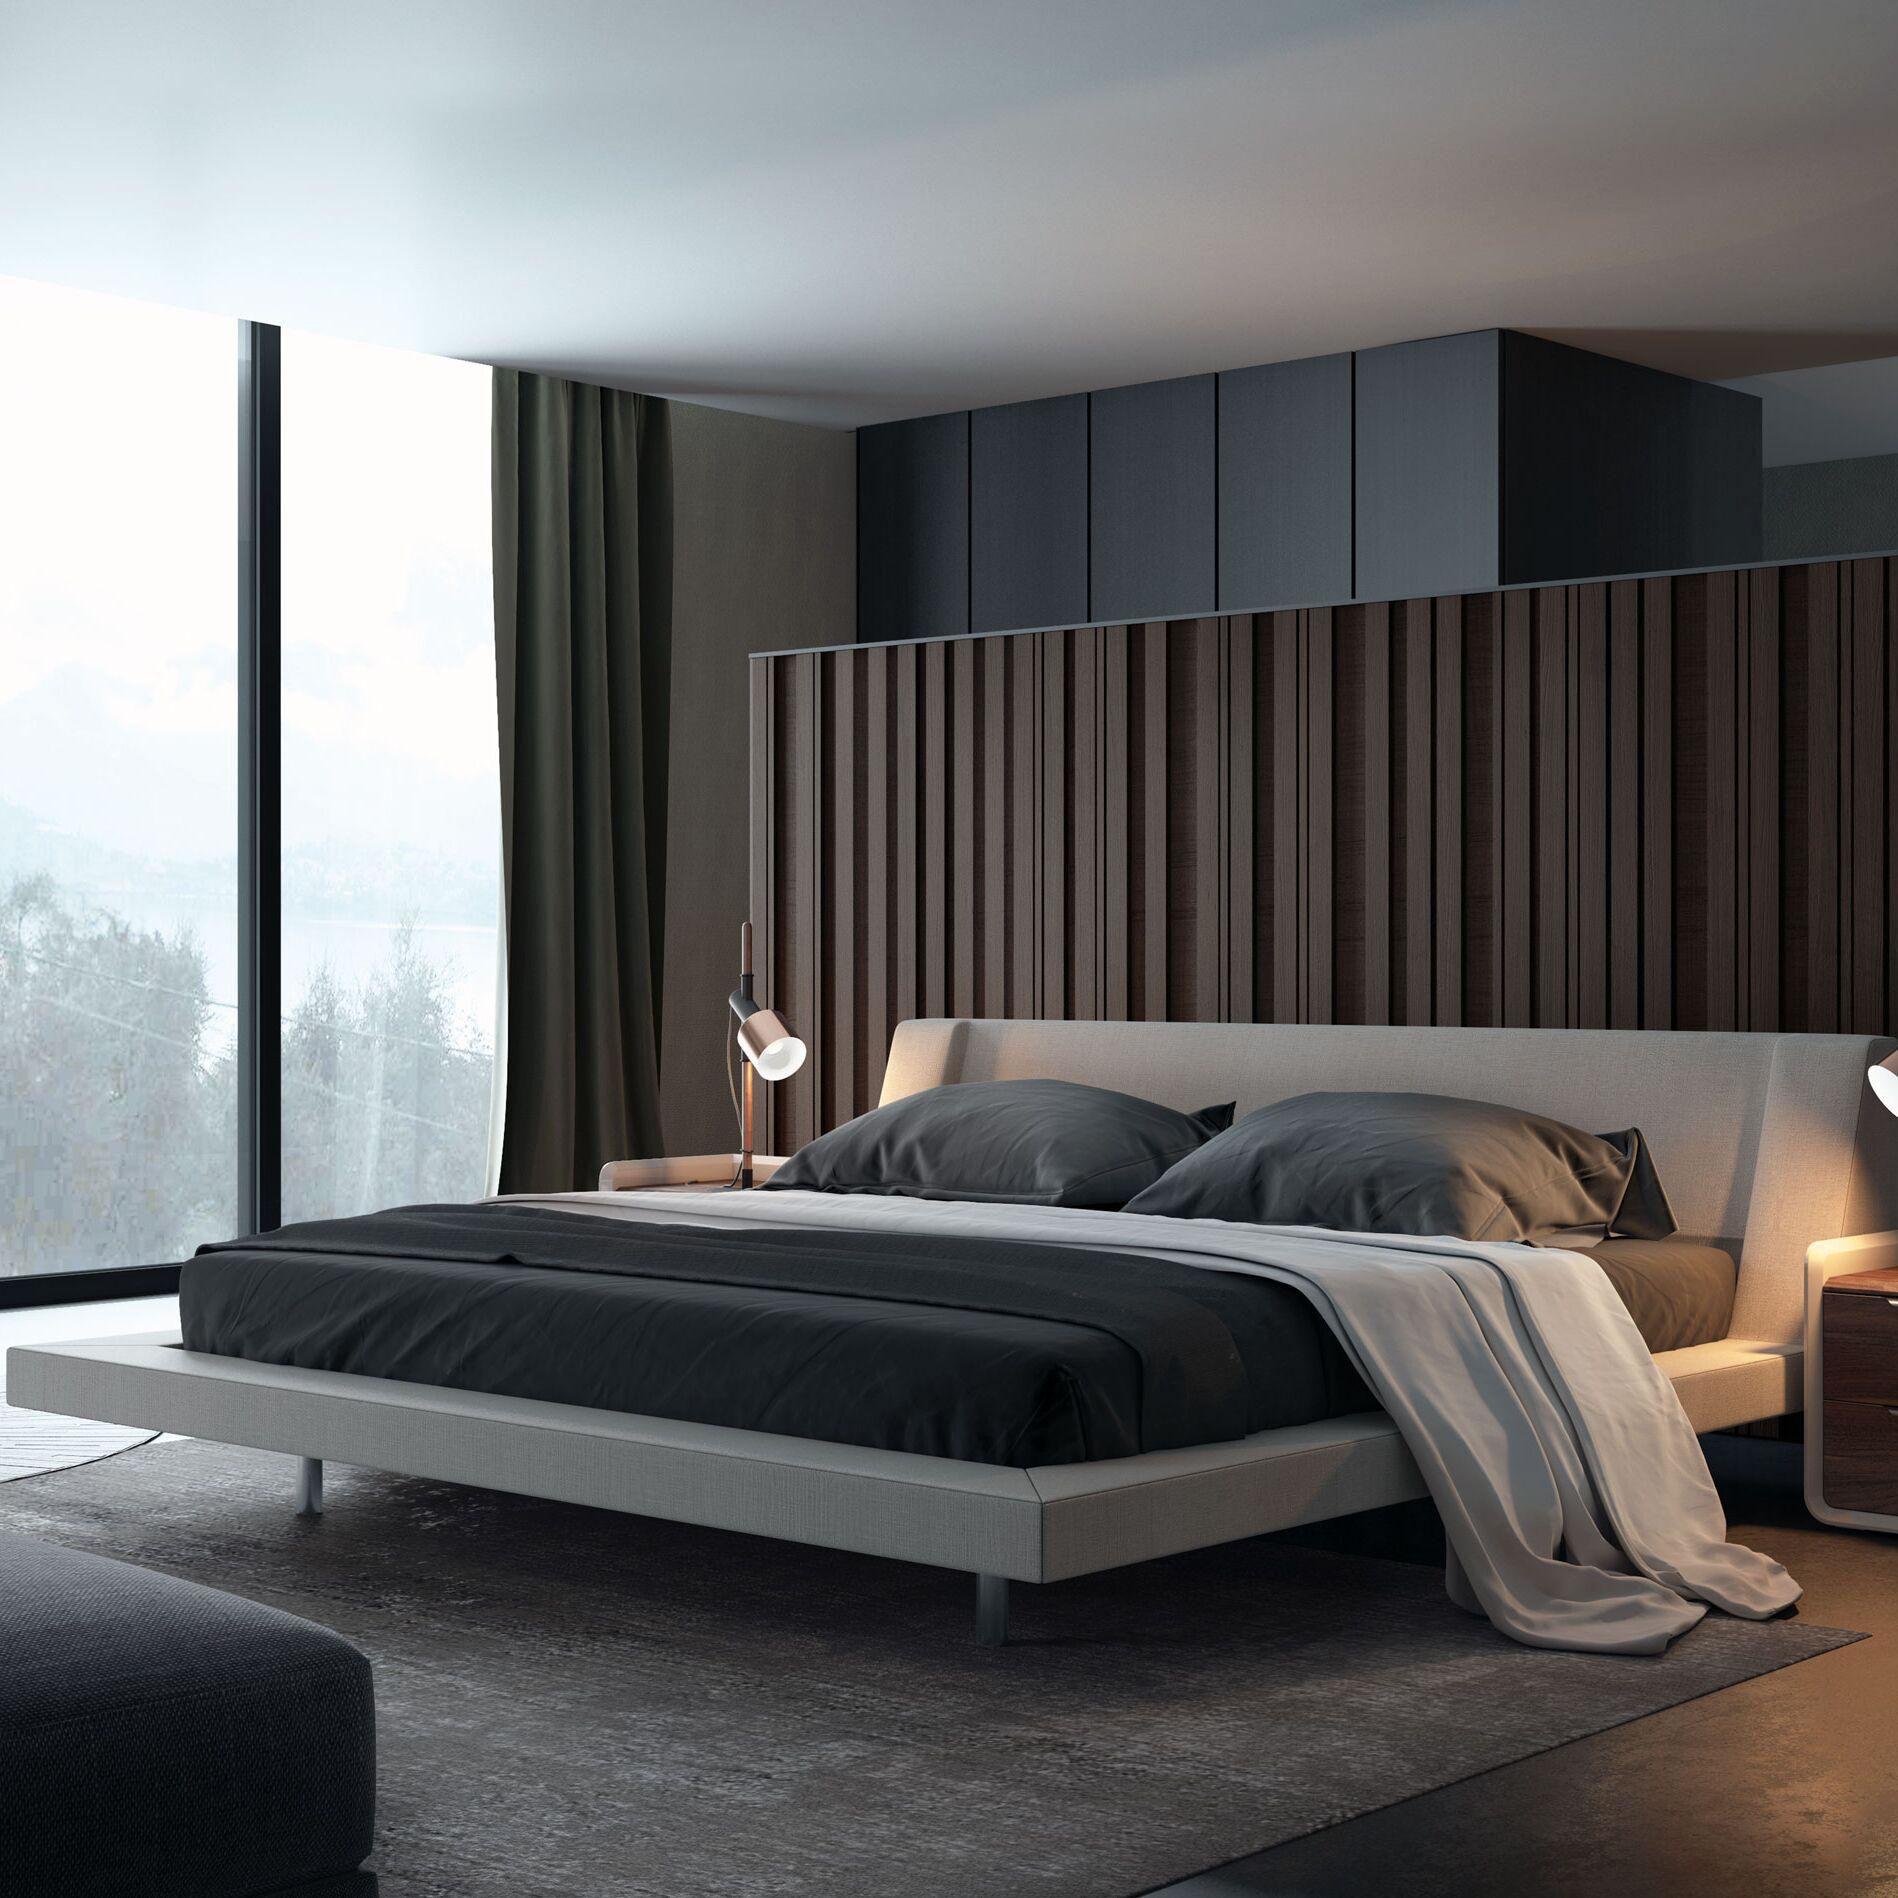 Harper Upholstered Platform Bed Color: Almond-Buff, Size: King